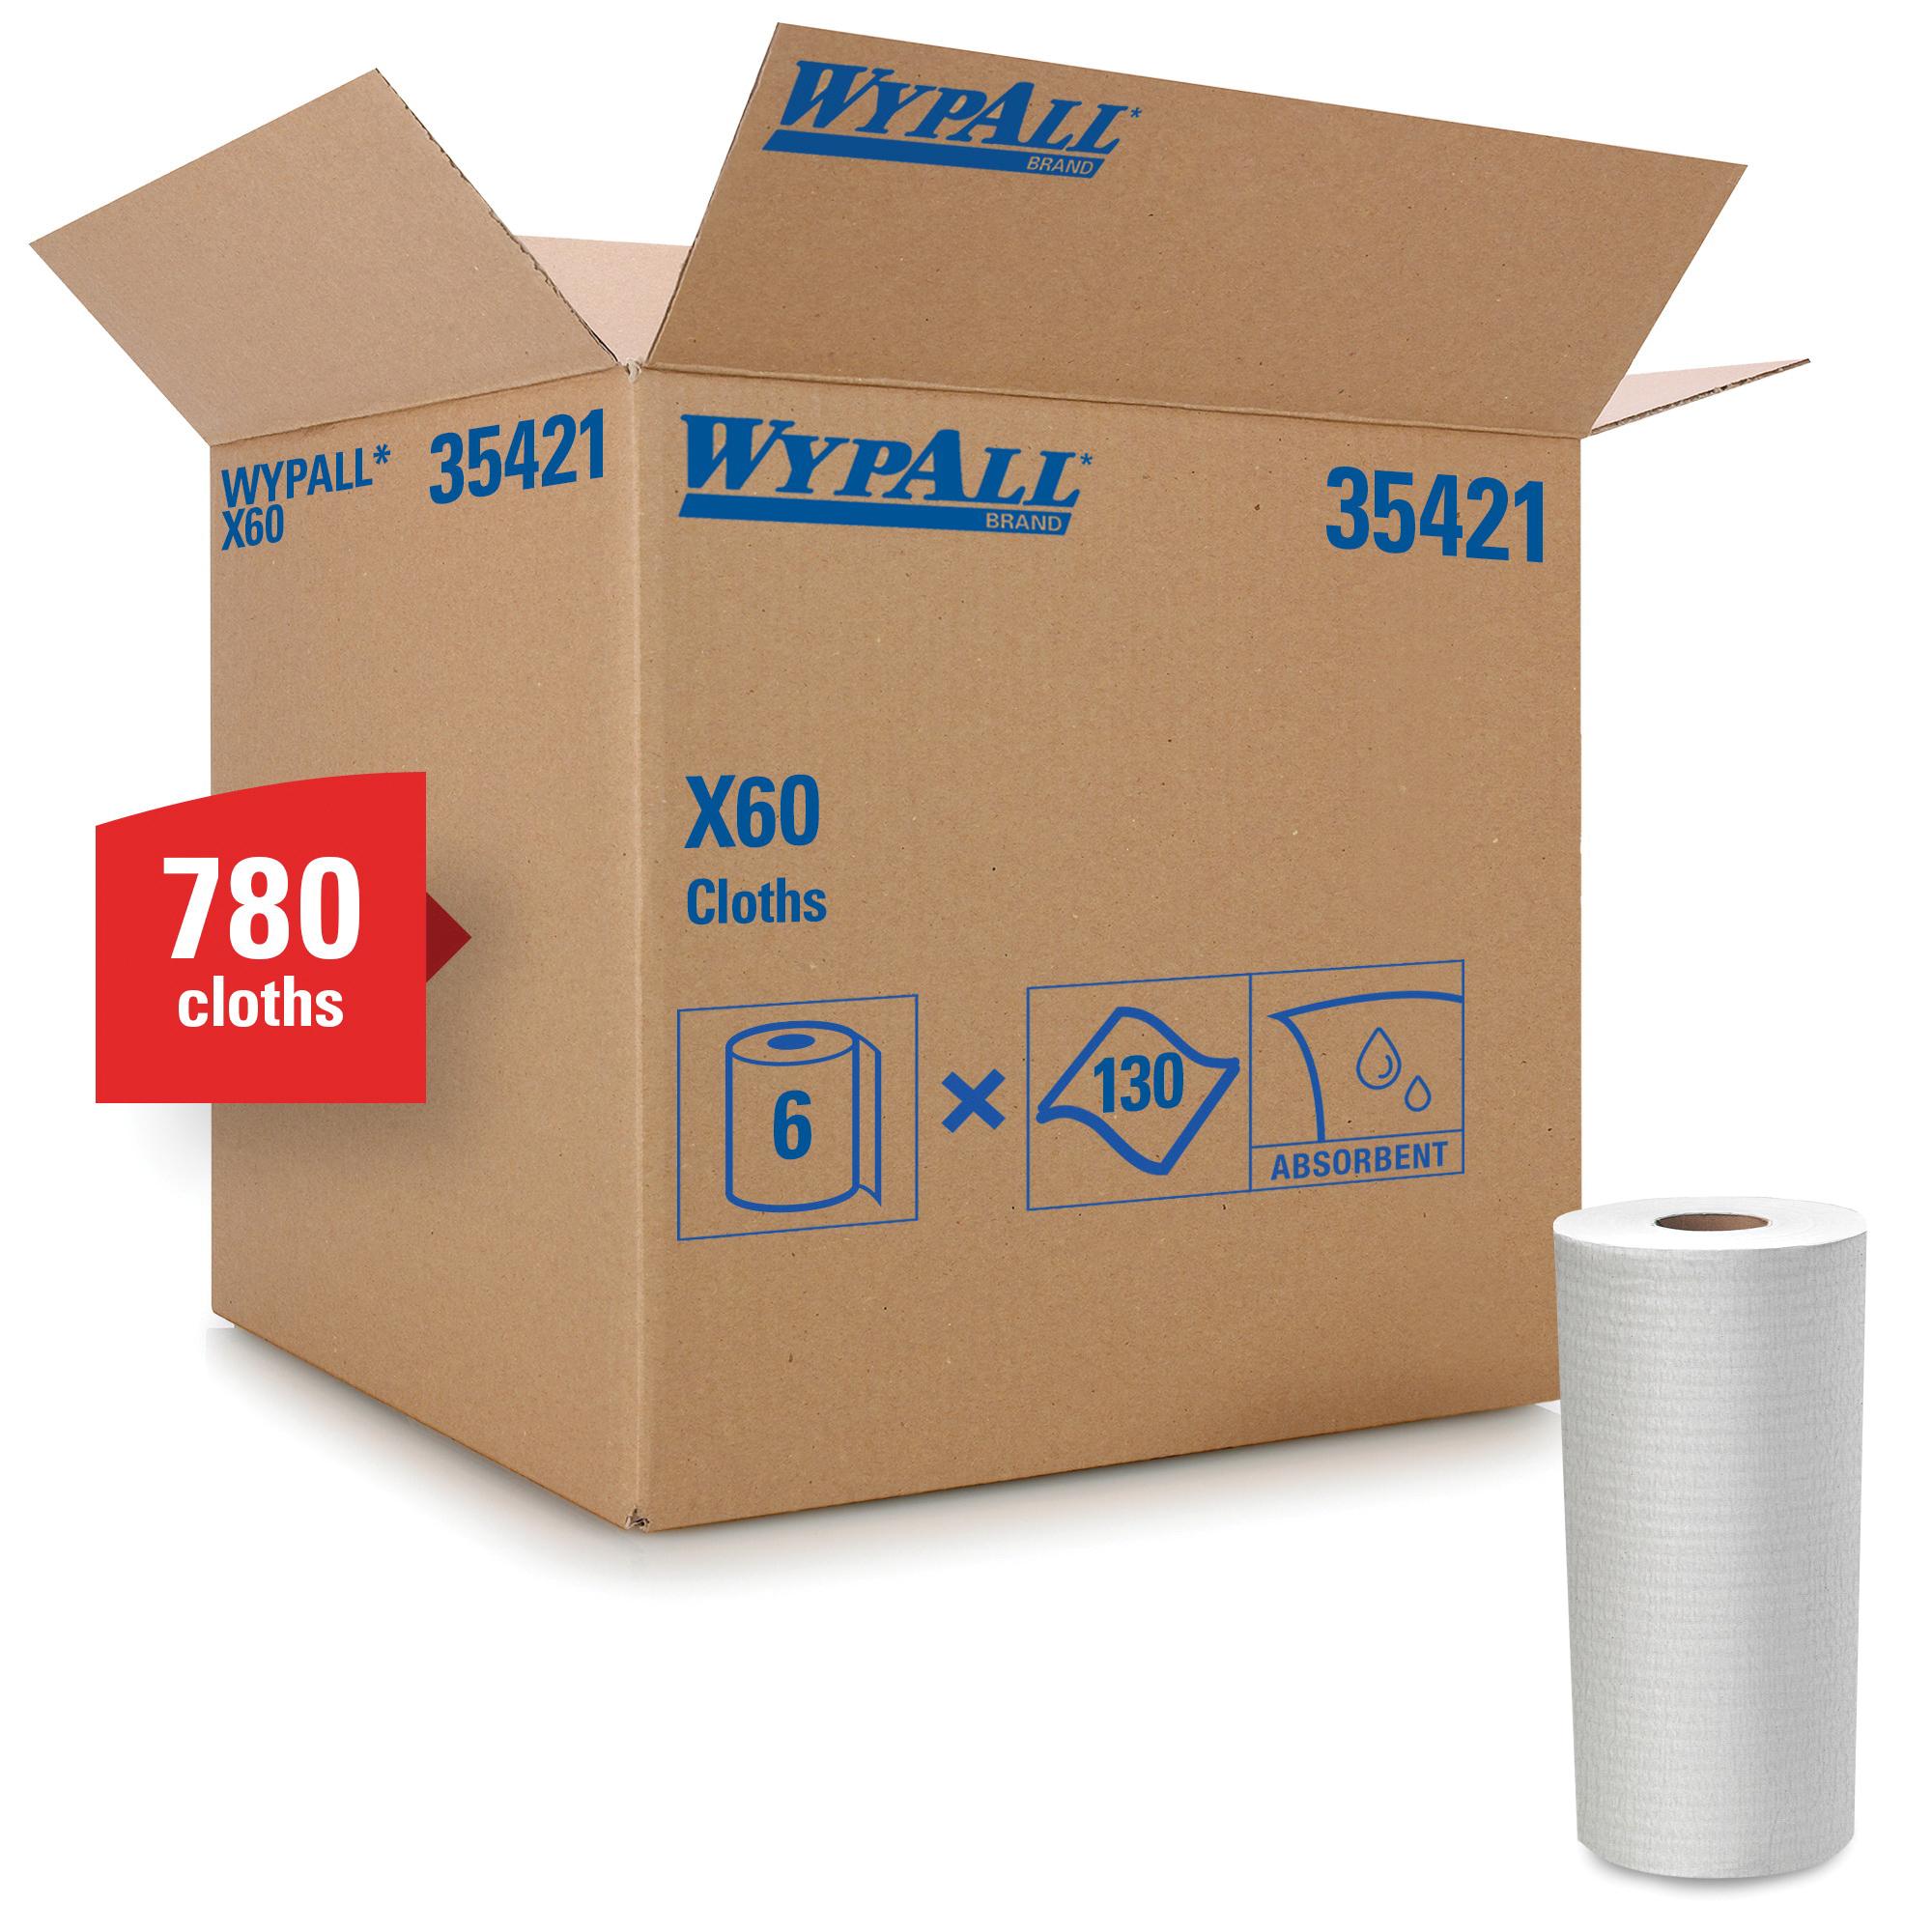 WypAll* 05800 L30 All Purpose Disposable Wiper, Cellulose, White